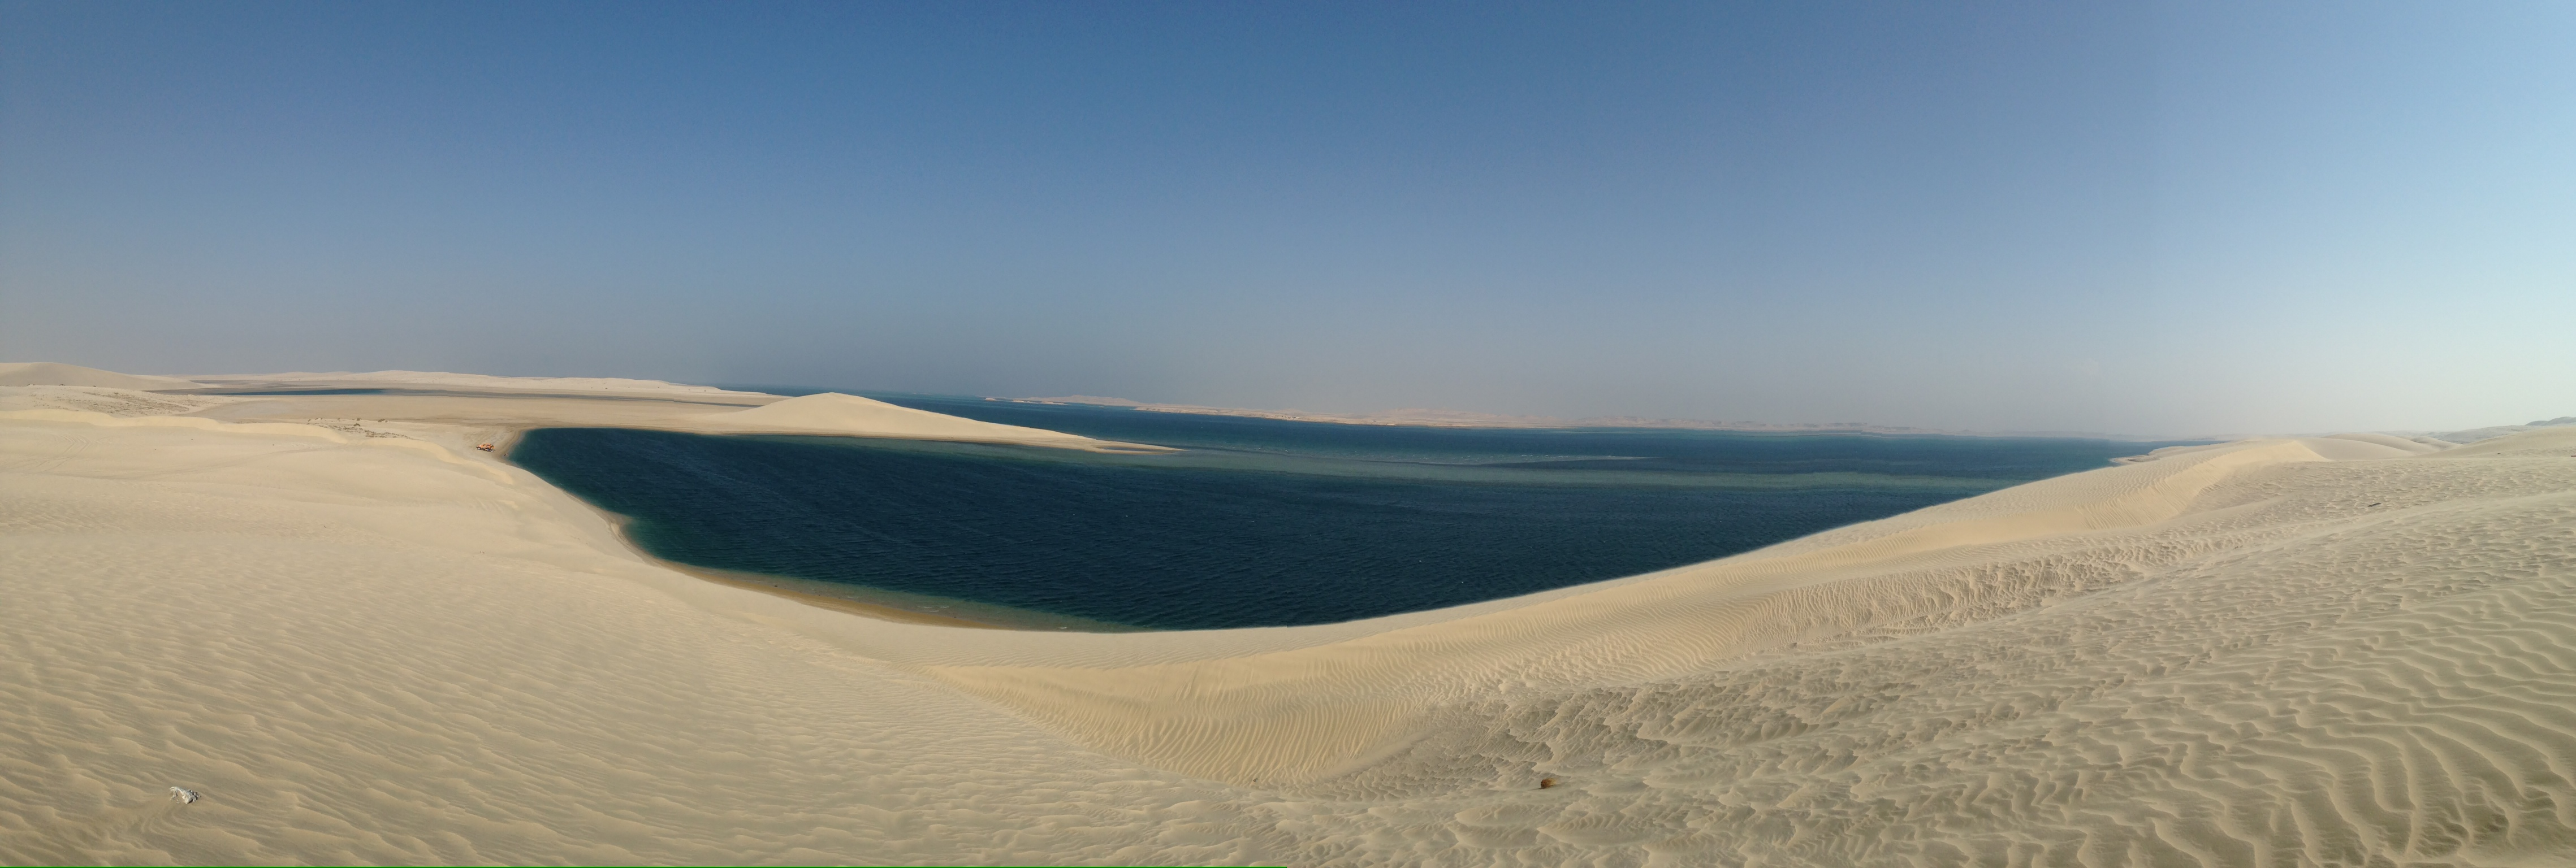 deserto tunisino